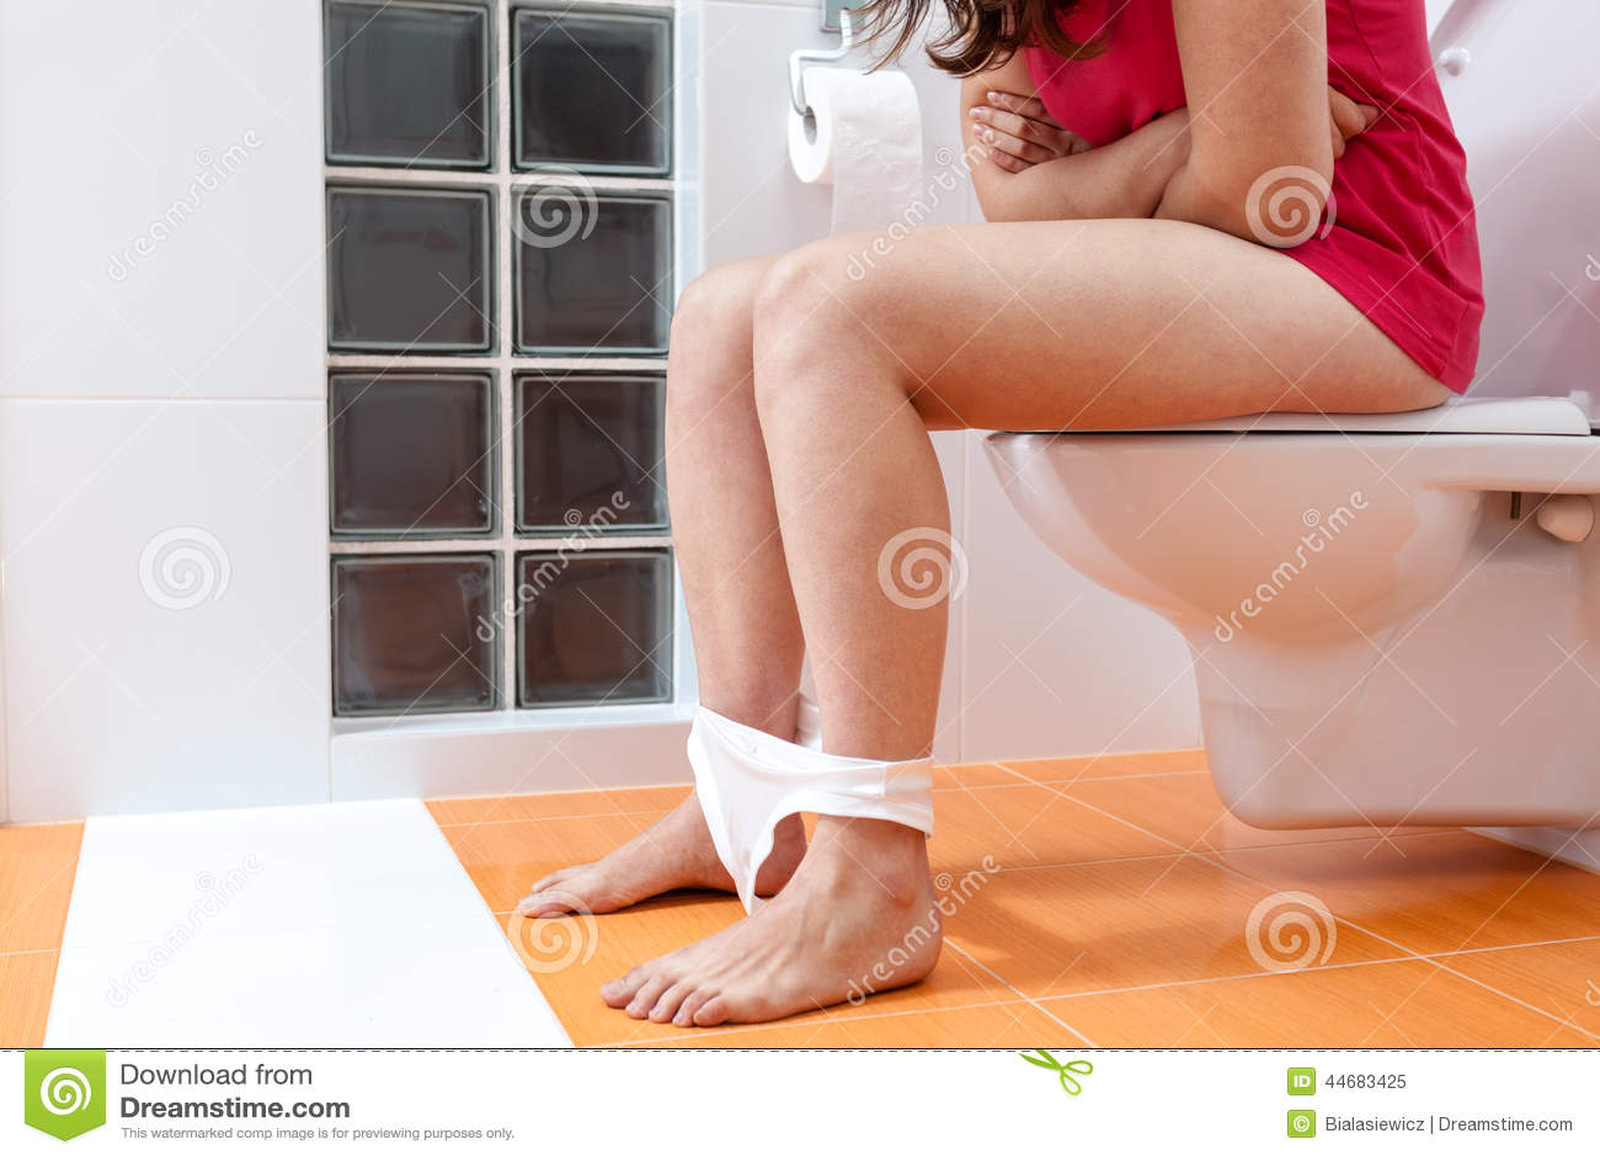 Туалет и девушки, HD cкрытая камера в женском туалете 27 фотография